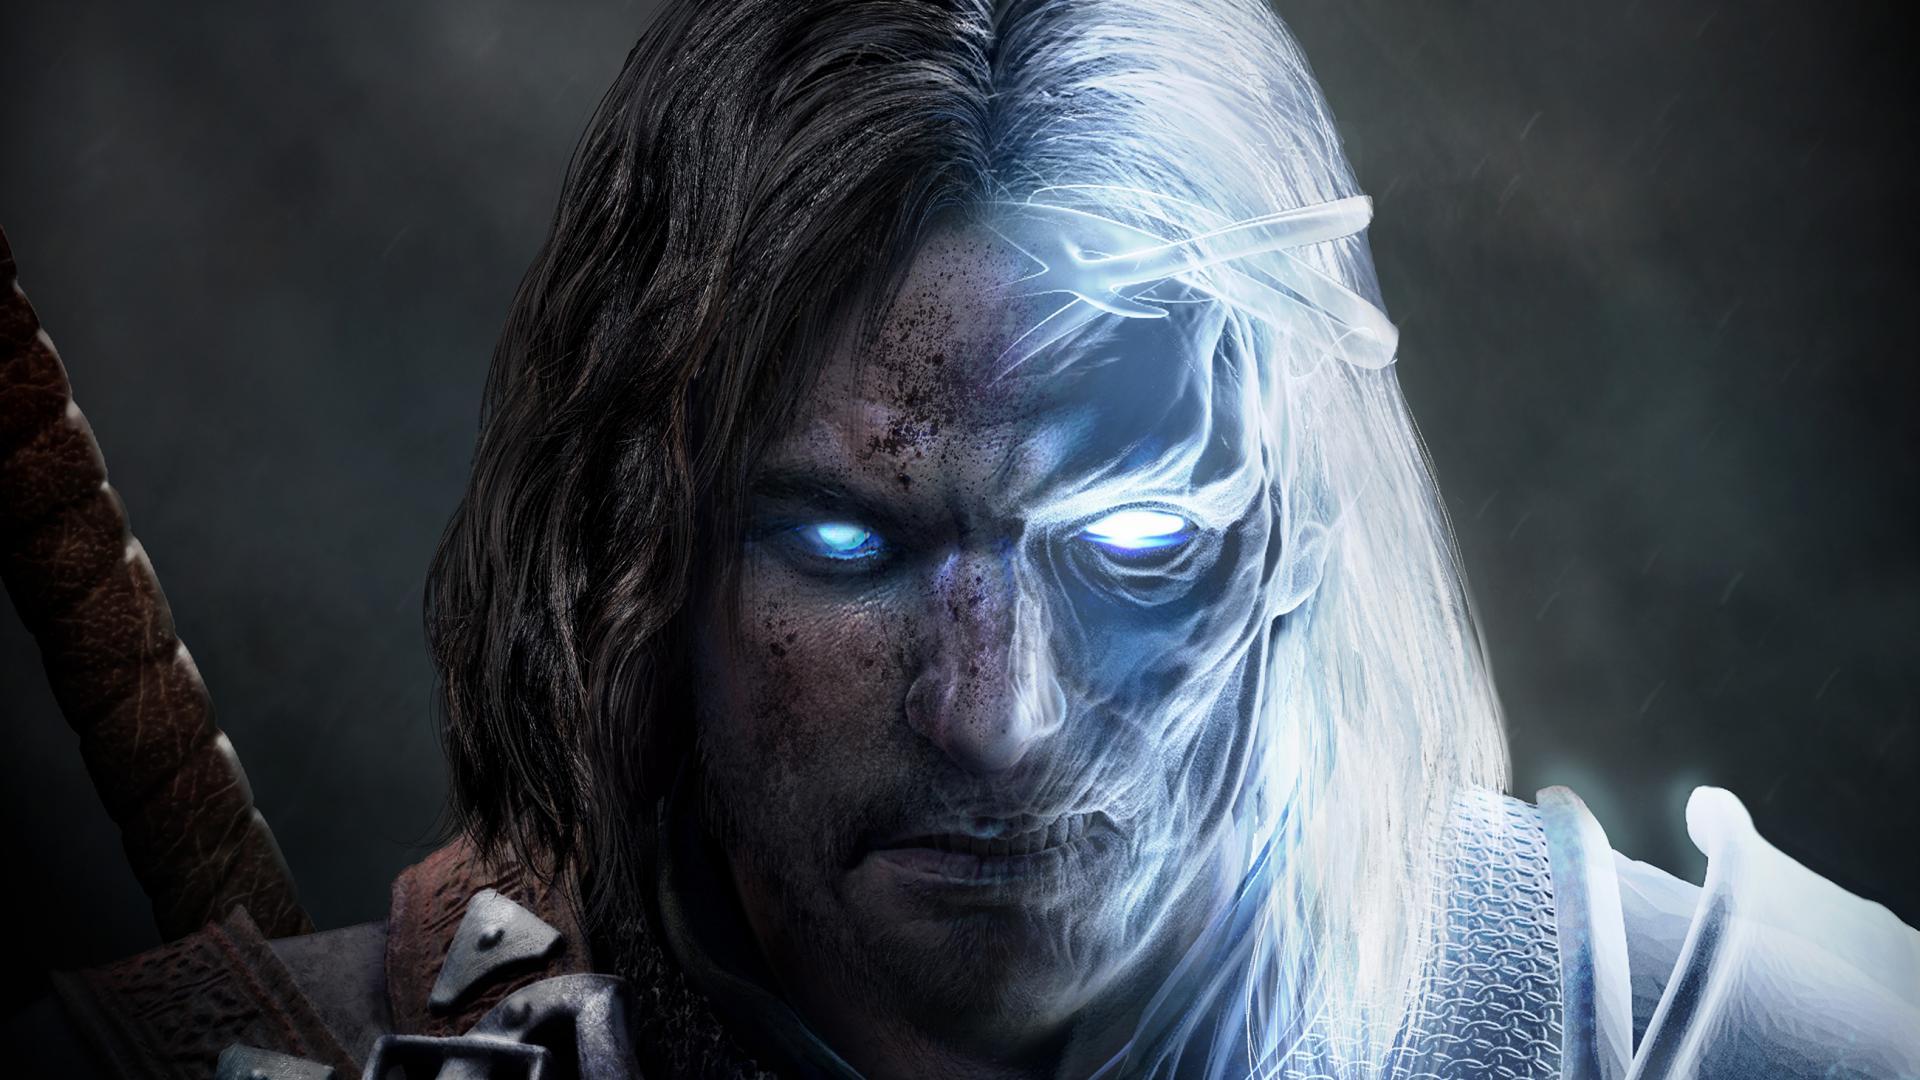 Обусловленное ЛОРом бессмертие и воскрешение персонажа в играх.. - Изображение 1